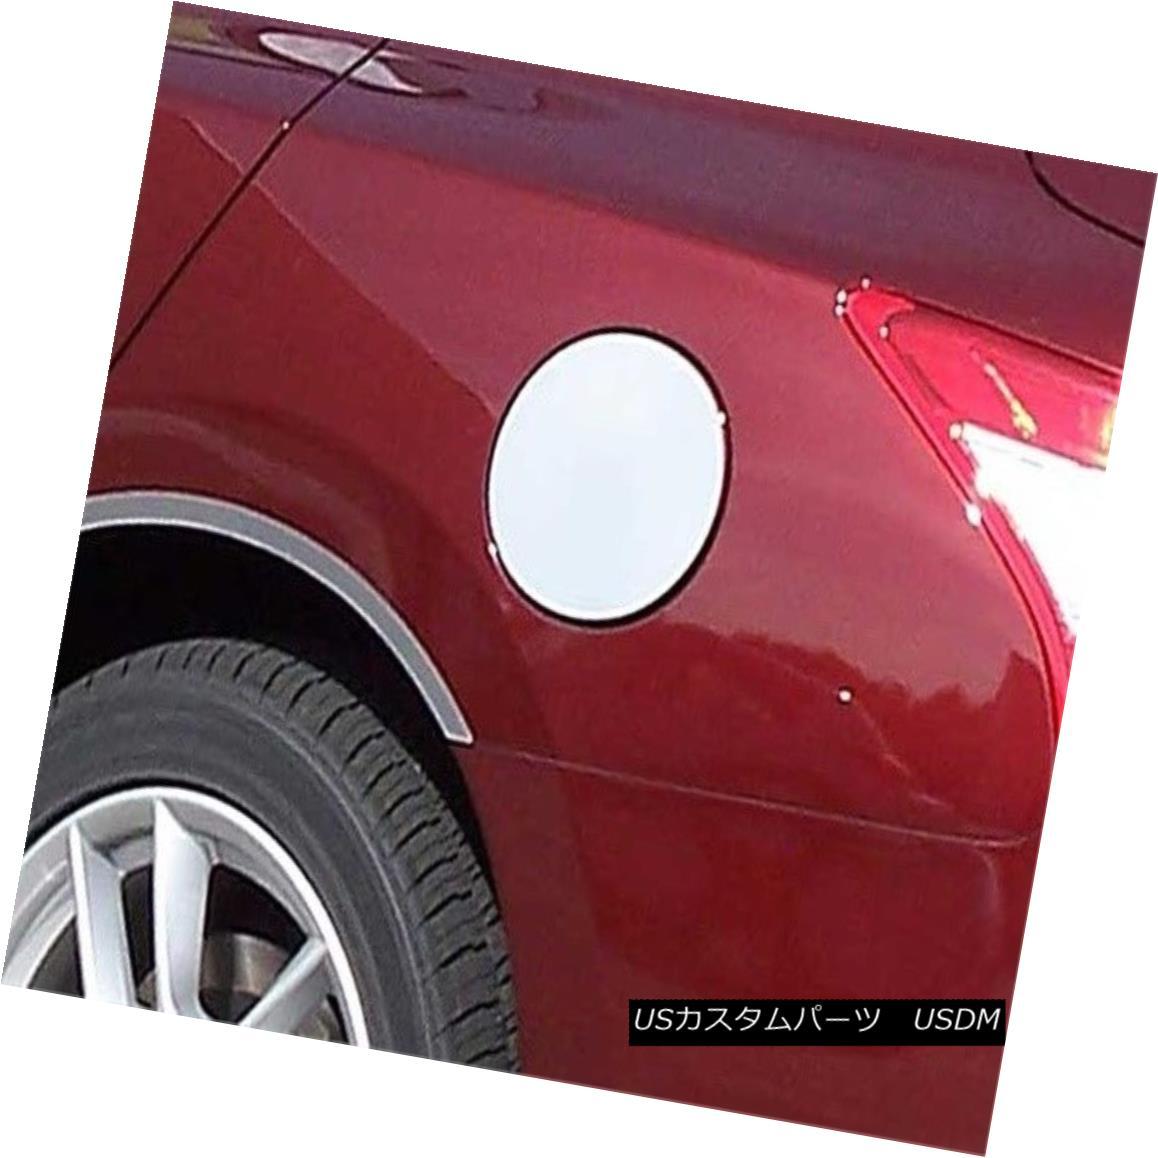 グリル Fits 2009-2014 NISSAN MAXIMA 4-door -Stainless Steel GAS CAP DOOR 2009-2014 NISSAN MAXIMA 4ドアステンレススチールガスCAP DOOR